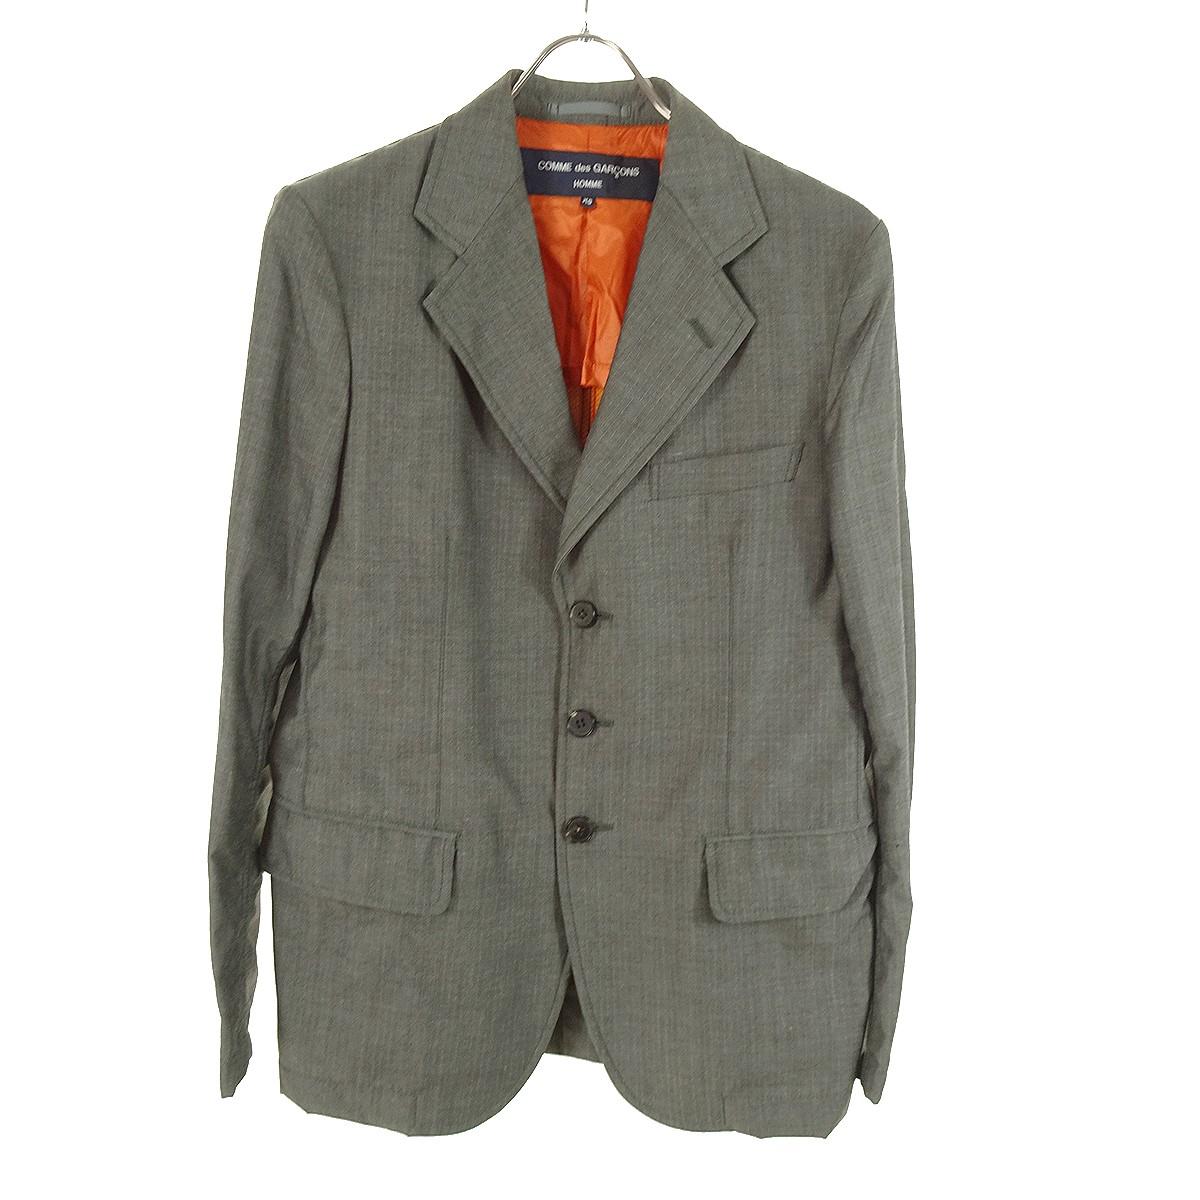 【中古】COMME des GARCONS HOMME テーラードジャケット AD2013 グレー サイズ:XS 【120220】(コムデギャルソンオム)